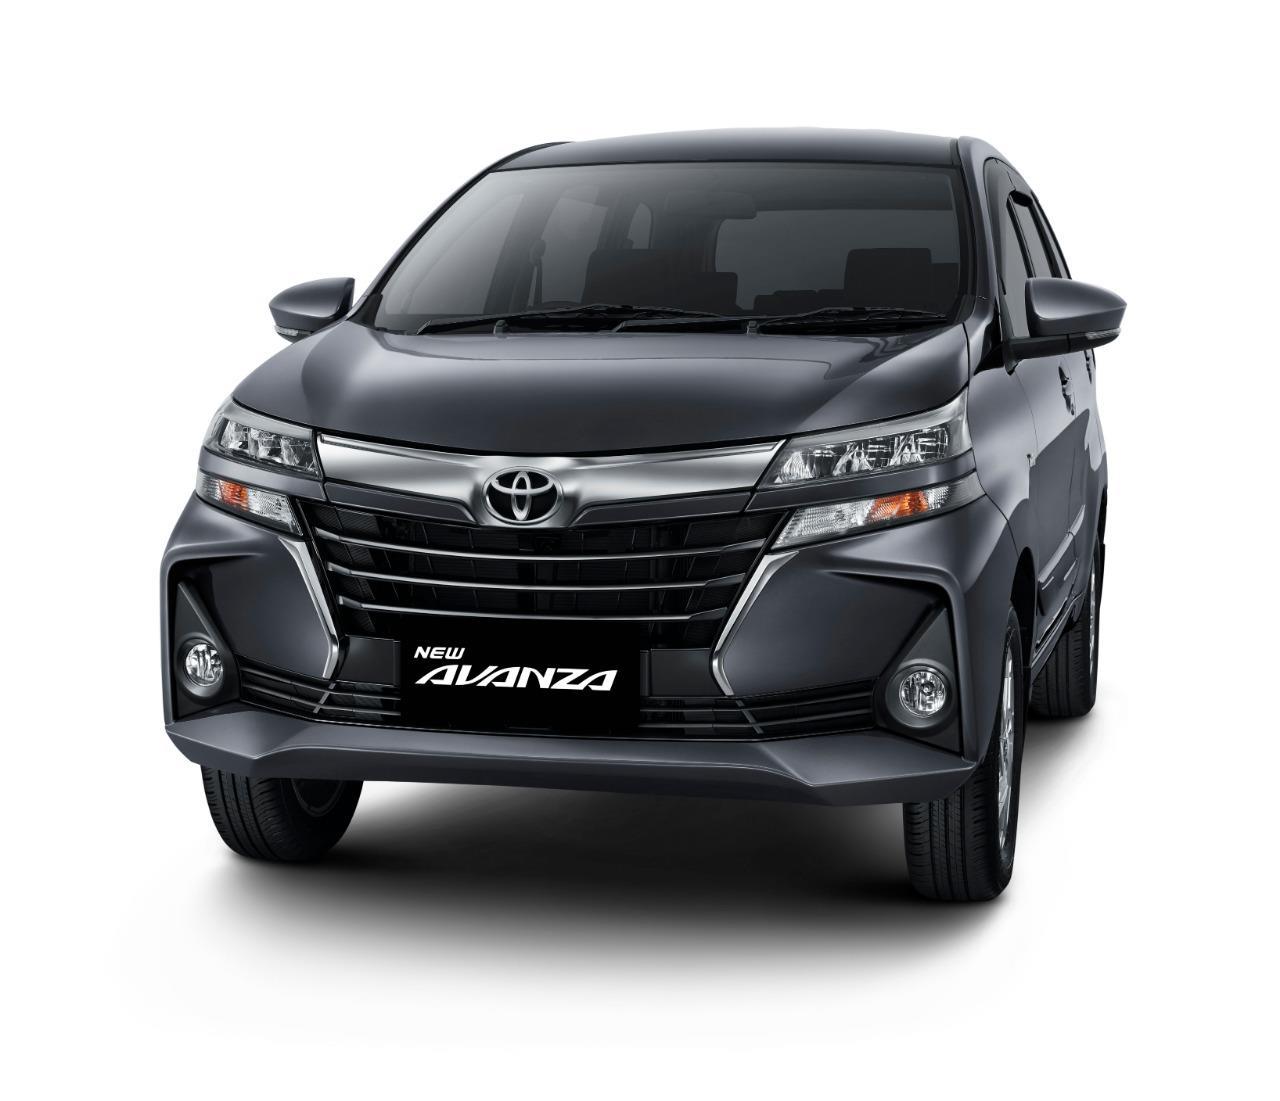 Tampak tampilan depan New Toyota Avanza 1.5 G M/T 2019 berwarna hitam